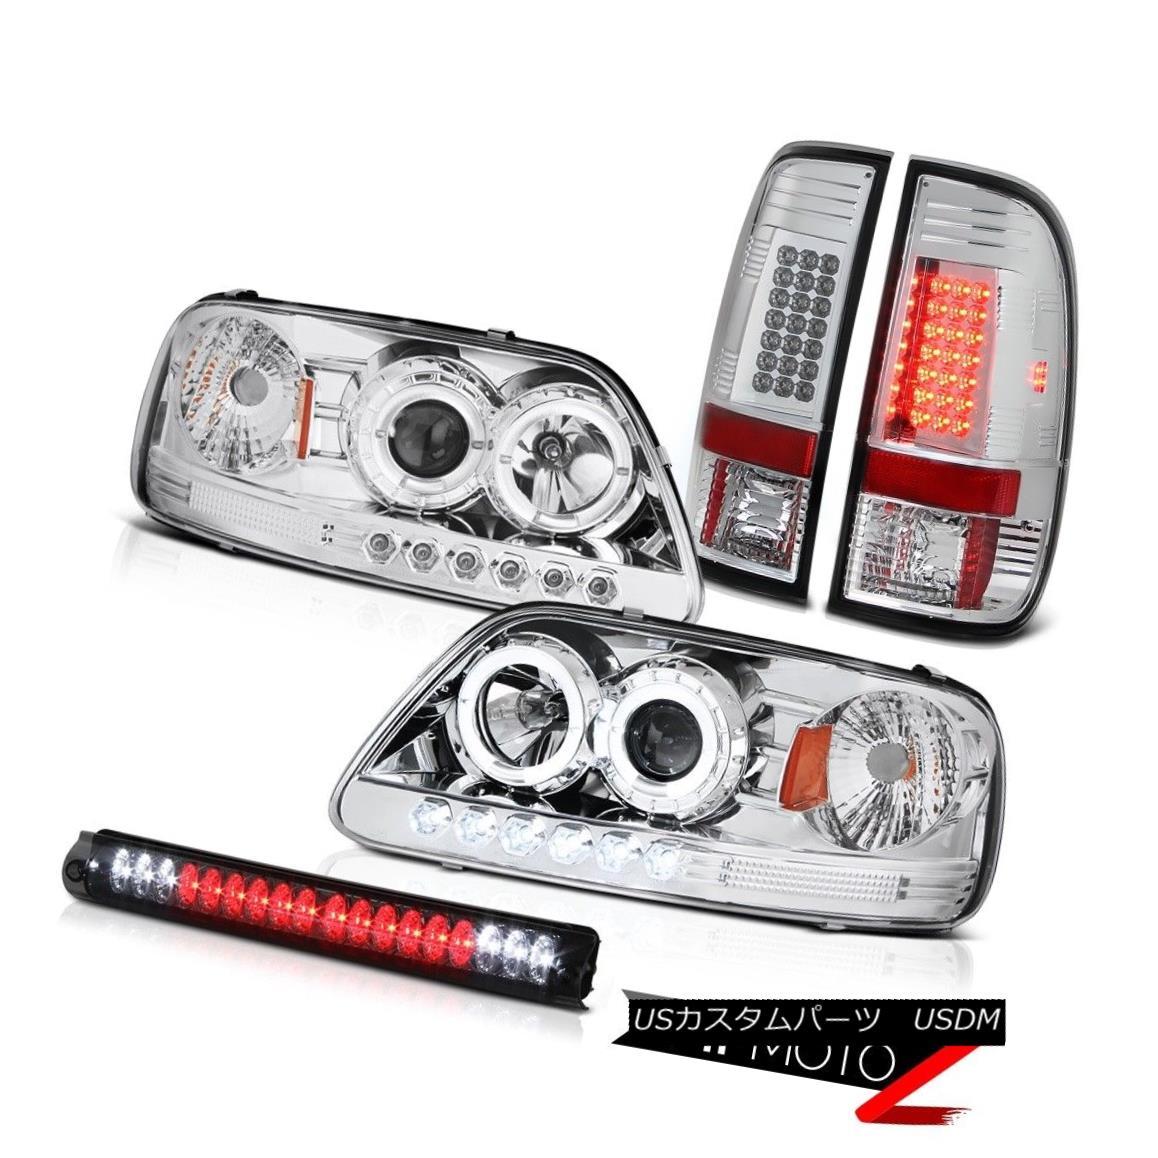 テールライト 1999 2000 2001 F150 5.4L Crystal Halo LED Headlight Clear Tail Lights Brake Lamp 1999 2000 2001 F150 5.4LクリスタルハローLEDヘッドライトクリアテールライトブレーキランプ